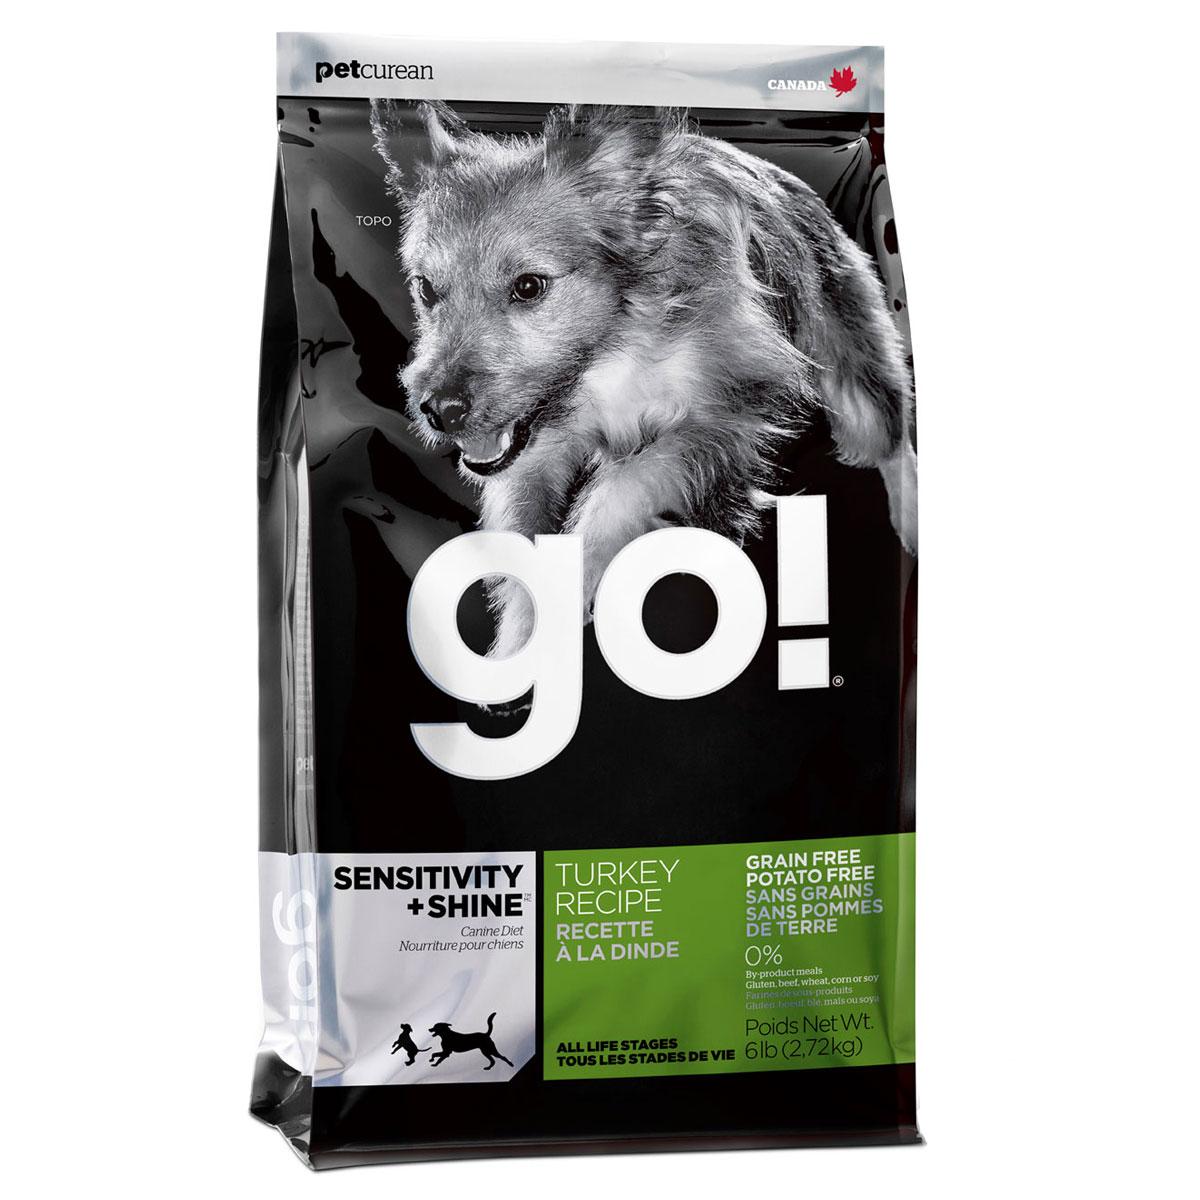 Корм сухой GO! для щенков и собак с чувствительным пищеварением, беззерновой, с индейкой, 2,72 кг10221Сухой корм GO! предназначен для щенков и собак. В качестве основного источника углеводов используется чечевица, а не картофель, поэтому корм идеально подходит для собак чувствительных к картофелю (крахмалу) или при беззерновой диете. Основным источником белка является мясо индейки, что отлично подходит для собак с пищевой аллергией.Ключевые преимущества: - единственный источник белка - мясо индейки, - полностью беззерновой, - прибиотики и пробиотики нормализуют работу кишечника и улучшают работу пищеварительной системы, - жирные Омега кислоты - здоровье и блеск шерсти, - поддержка иммунной системы за счет фруктов и овощей, богатых антиоксидантами, - полное отсутствие субпродуктов, ГМО, искусственных консервантов, глютена, говядины, пшеницы, кукурузы и сои. Состав: свежее мясо индейки, филе индейки, горох, тапиока, каноловое масло (с Витамином Е в качестве консерванта), яичный порошок, гороховая клетчатка, натуральный ароматизатор, чечевица, хлорид калия, тыква, морковь, бананы, черника, клюква, брокколи, ежевика, папая, ананас, шпинат, домашний творог, сухие водоросли, сушеный корень цикория, холин хлорид, лецитин, Lactobacillus acidophilus, Enterococcus faecium, Aspergillus niger, Aspergillus oryzae, витамины (витамин А, витамин D3, витамин Е, инозитол, ниацин, L-аскорбил-2-полифосфатов (источник витамина С), D-пантотенат кальция, мононитрат тиамина, бета-каротин, рибофлавин, пиридоксин гидрохлорид, фолиевая кислота , биотин, витамин В12), минералы (цинк метионин комплекс, протеинат цинка, протеинат железа, протеинат меди, оксид цинка, протеинат марганца, сульфат меди, сульфат железа, йодат кальция, оксид марганца, селена, дрожжи), хлорид натрия, таурин, экстракт Юкка Шидигера, сушеный розмарин, дрожжевой экстракт. Гарантированный анализ: белки (min) - 30%, жиры (min) - 16%, клетчатка (max) - 3%, влага (max) - 10%, кальций (min) - 1,8%, фосфор (min) - 0,9%, жирные 